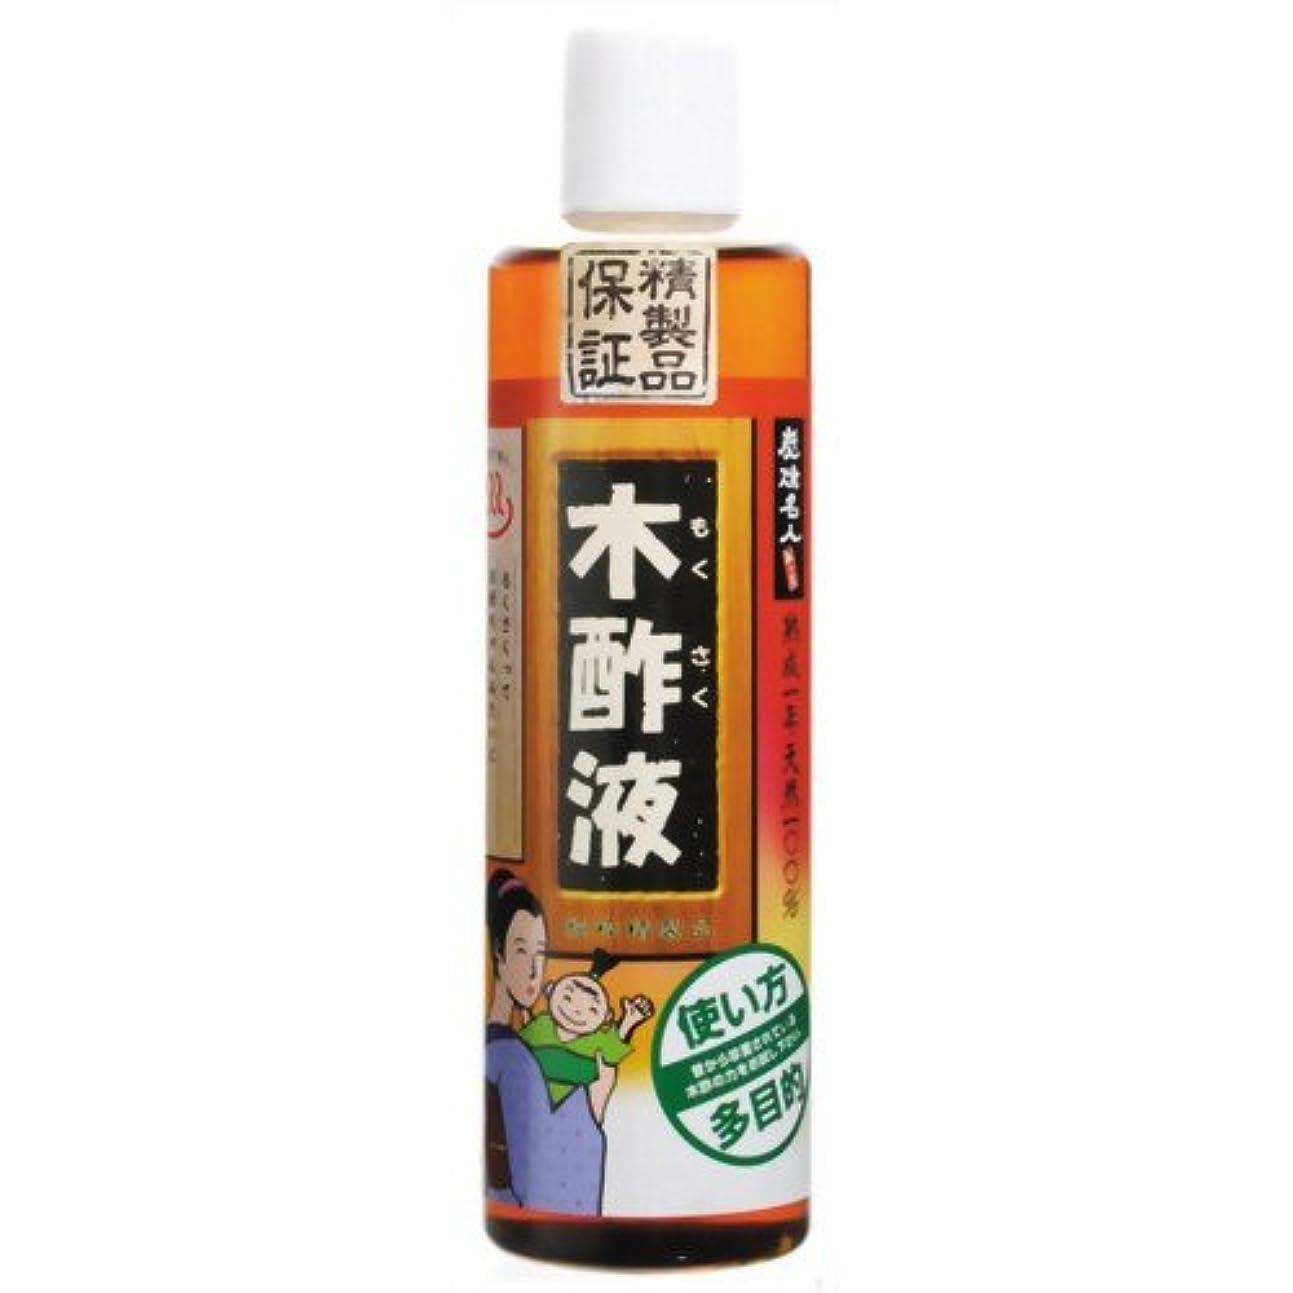 すり特許ブーム純粋木酢液 320ml